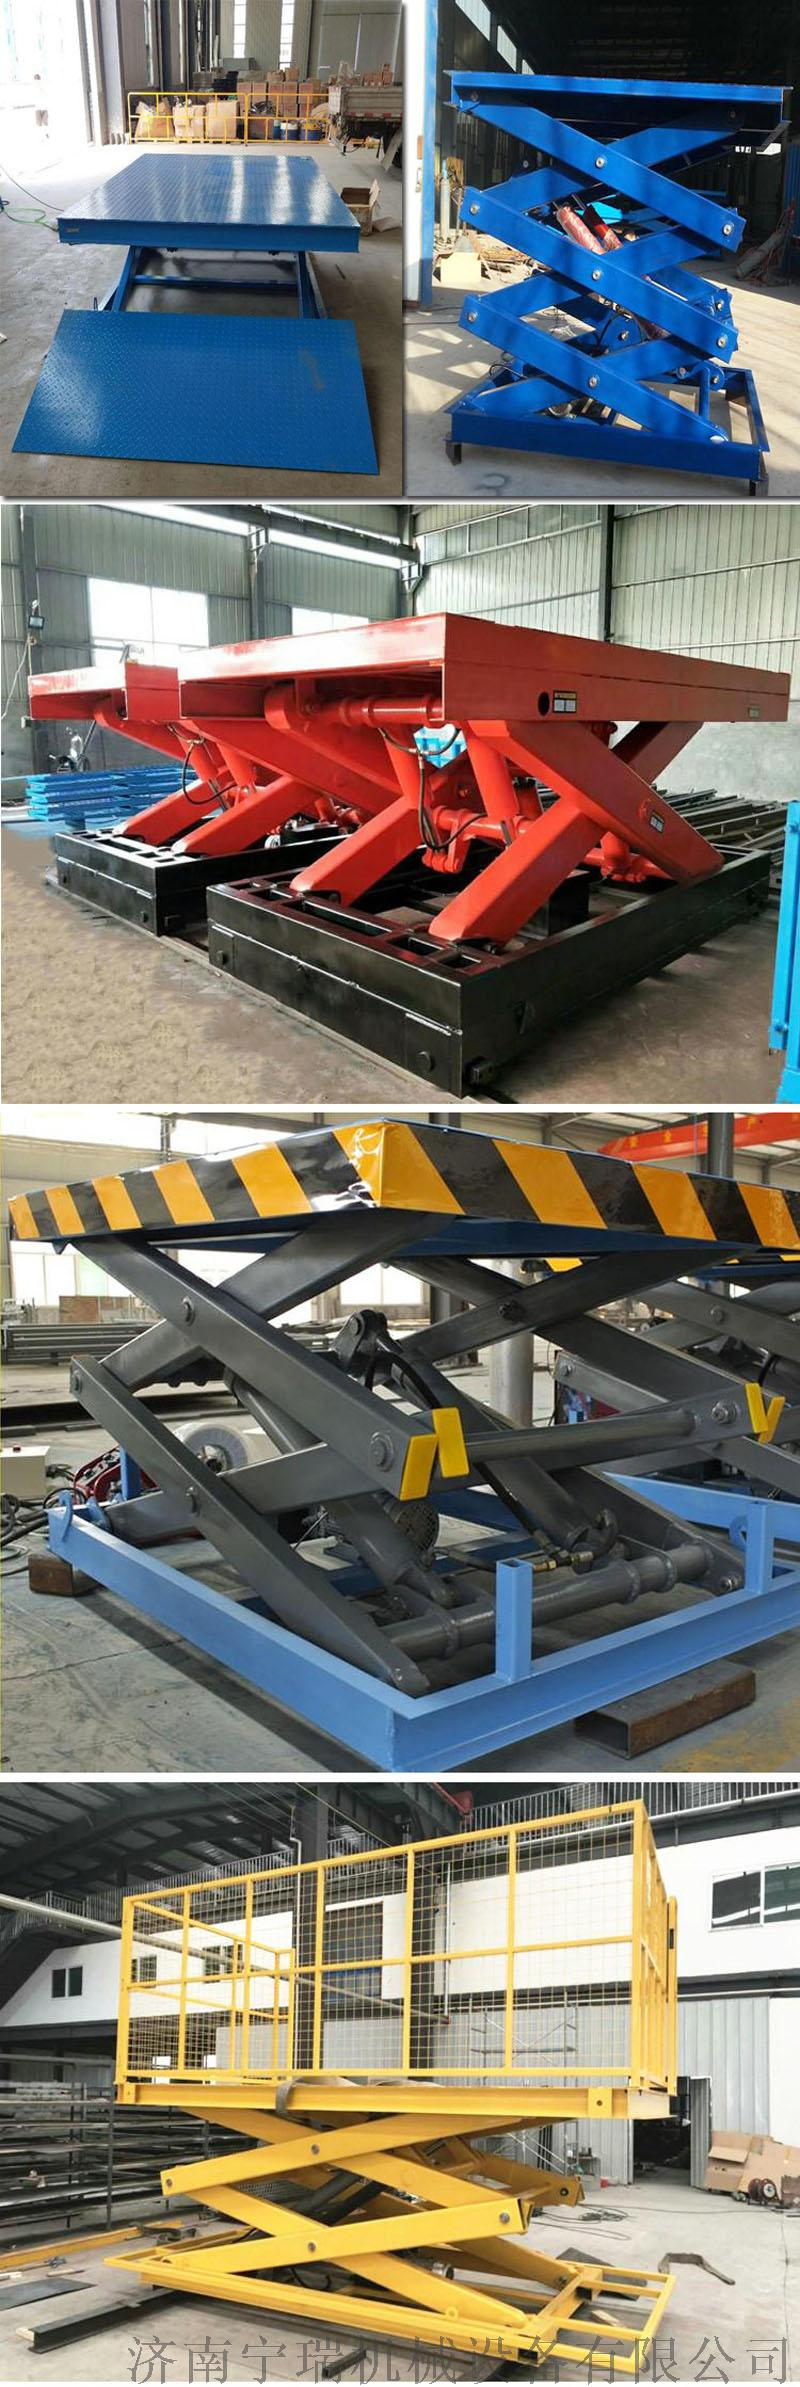 货物举升平台 液压载货平台 升降作业平台123576712